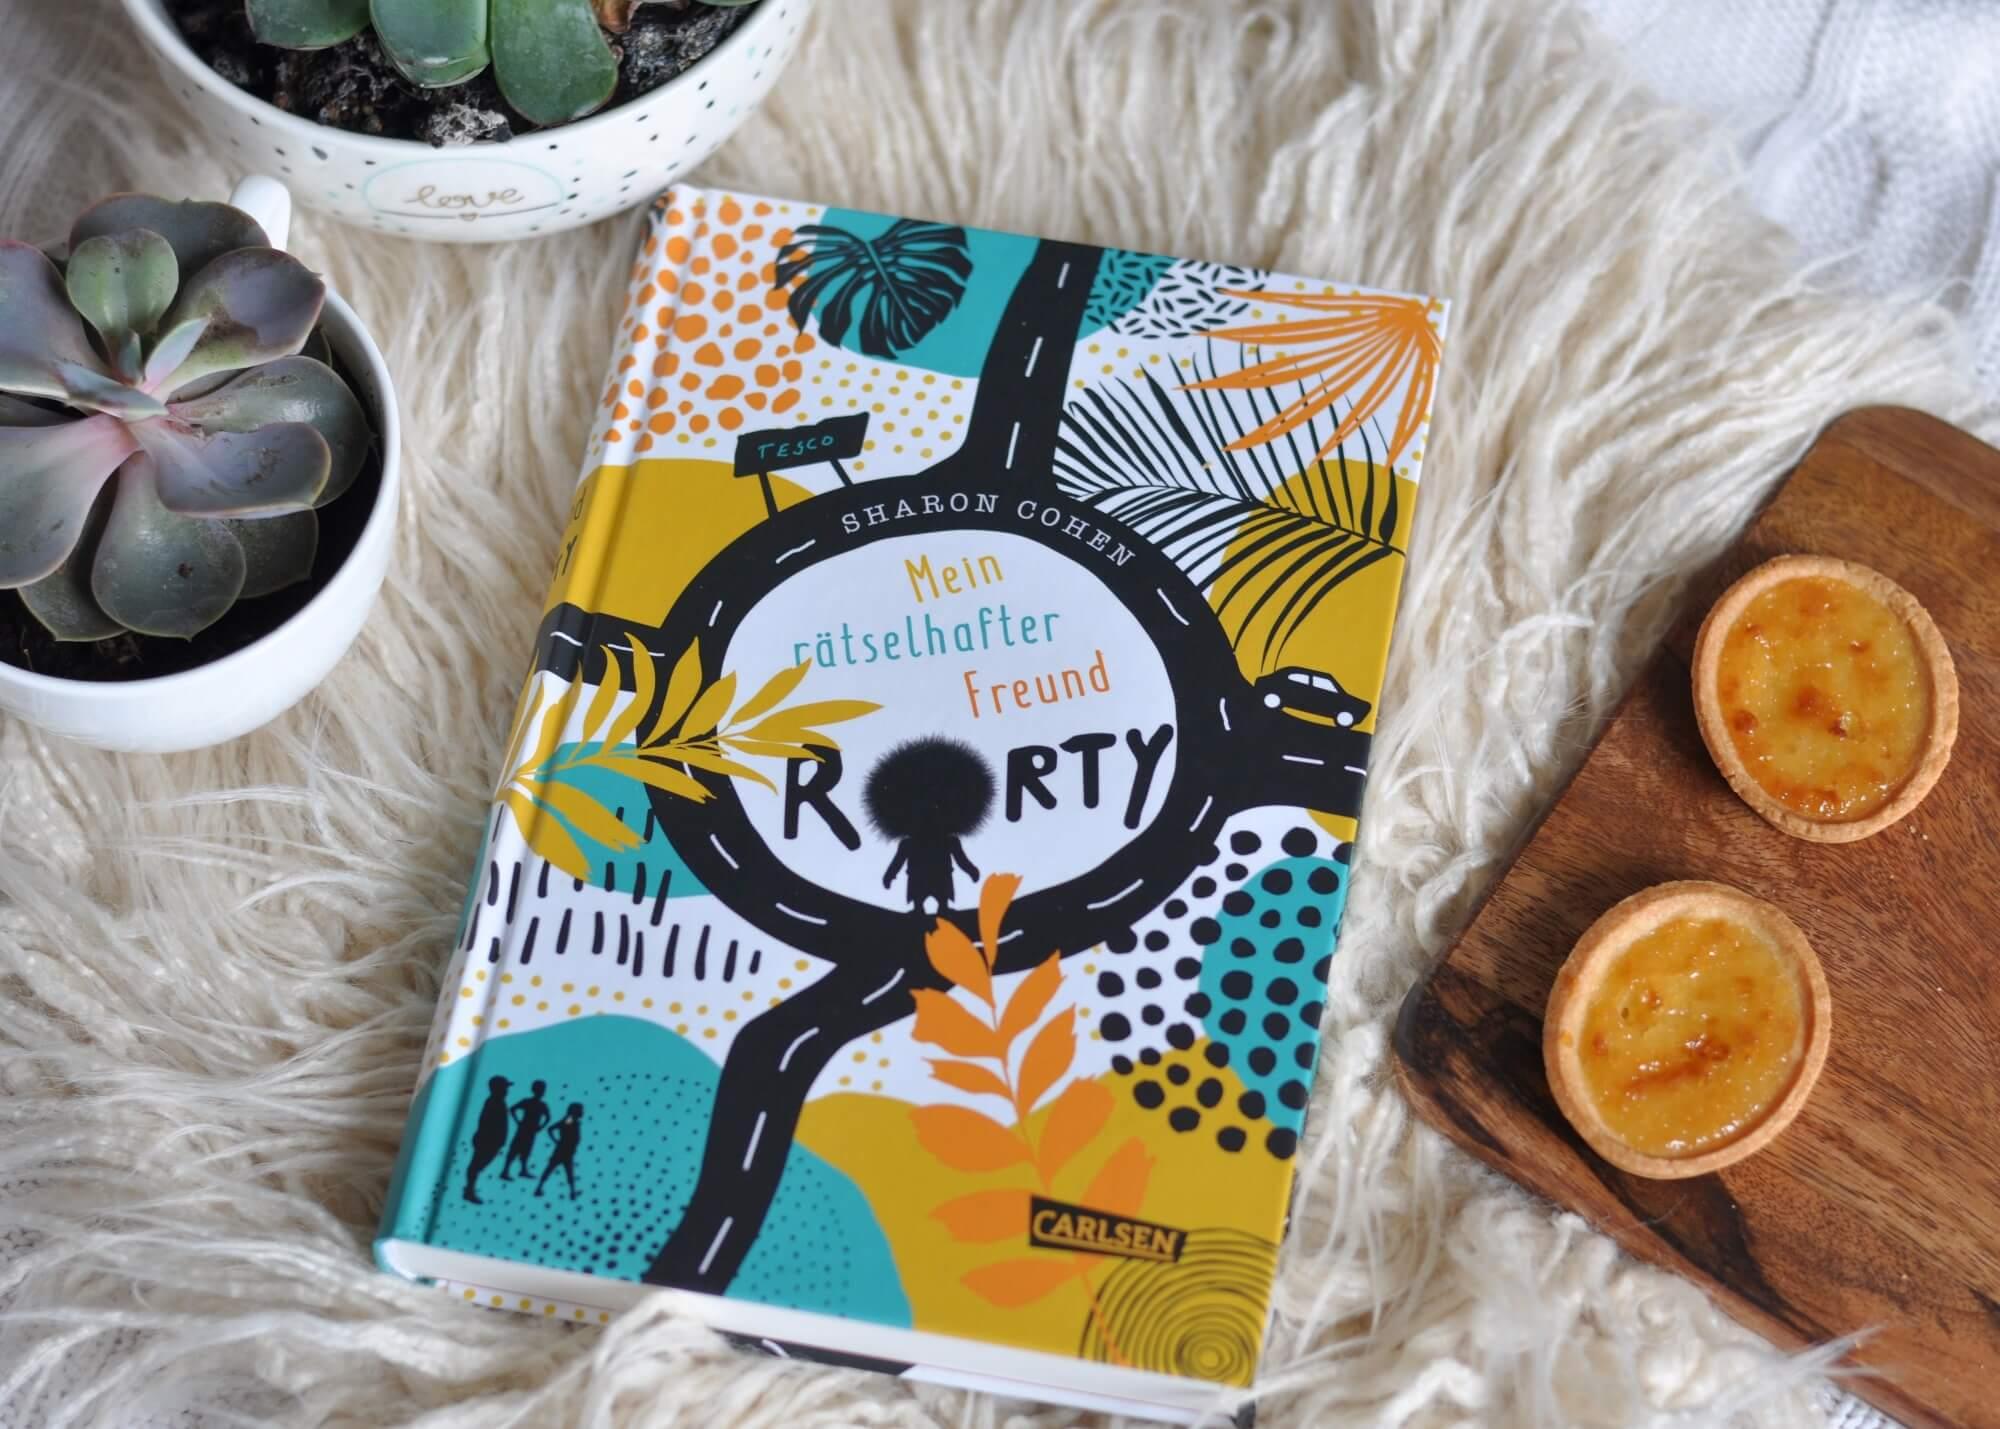 Rorty ist klein, haarig und braucht dringend Hilfe. Denn mit der Kraft seiner Gedanken, kann er erstaunliches tun. Weshalb es böse Wissenschaftler auf ihn abgesehen haben. Ein Kinderbuch über Freundschaft und Helfen. #rorty #kinderbuch #lesen #freundschaft #helfen